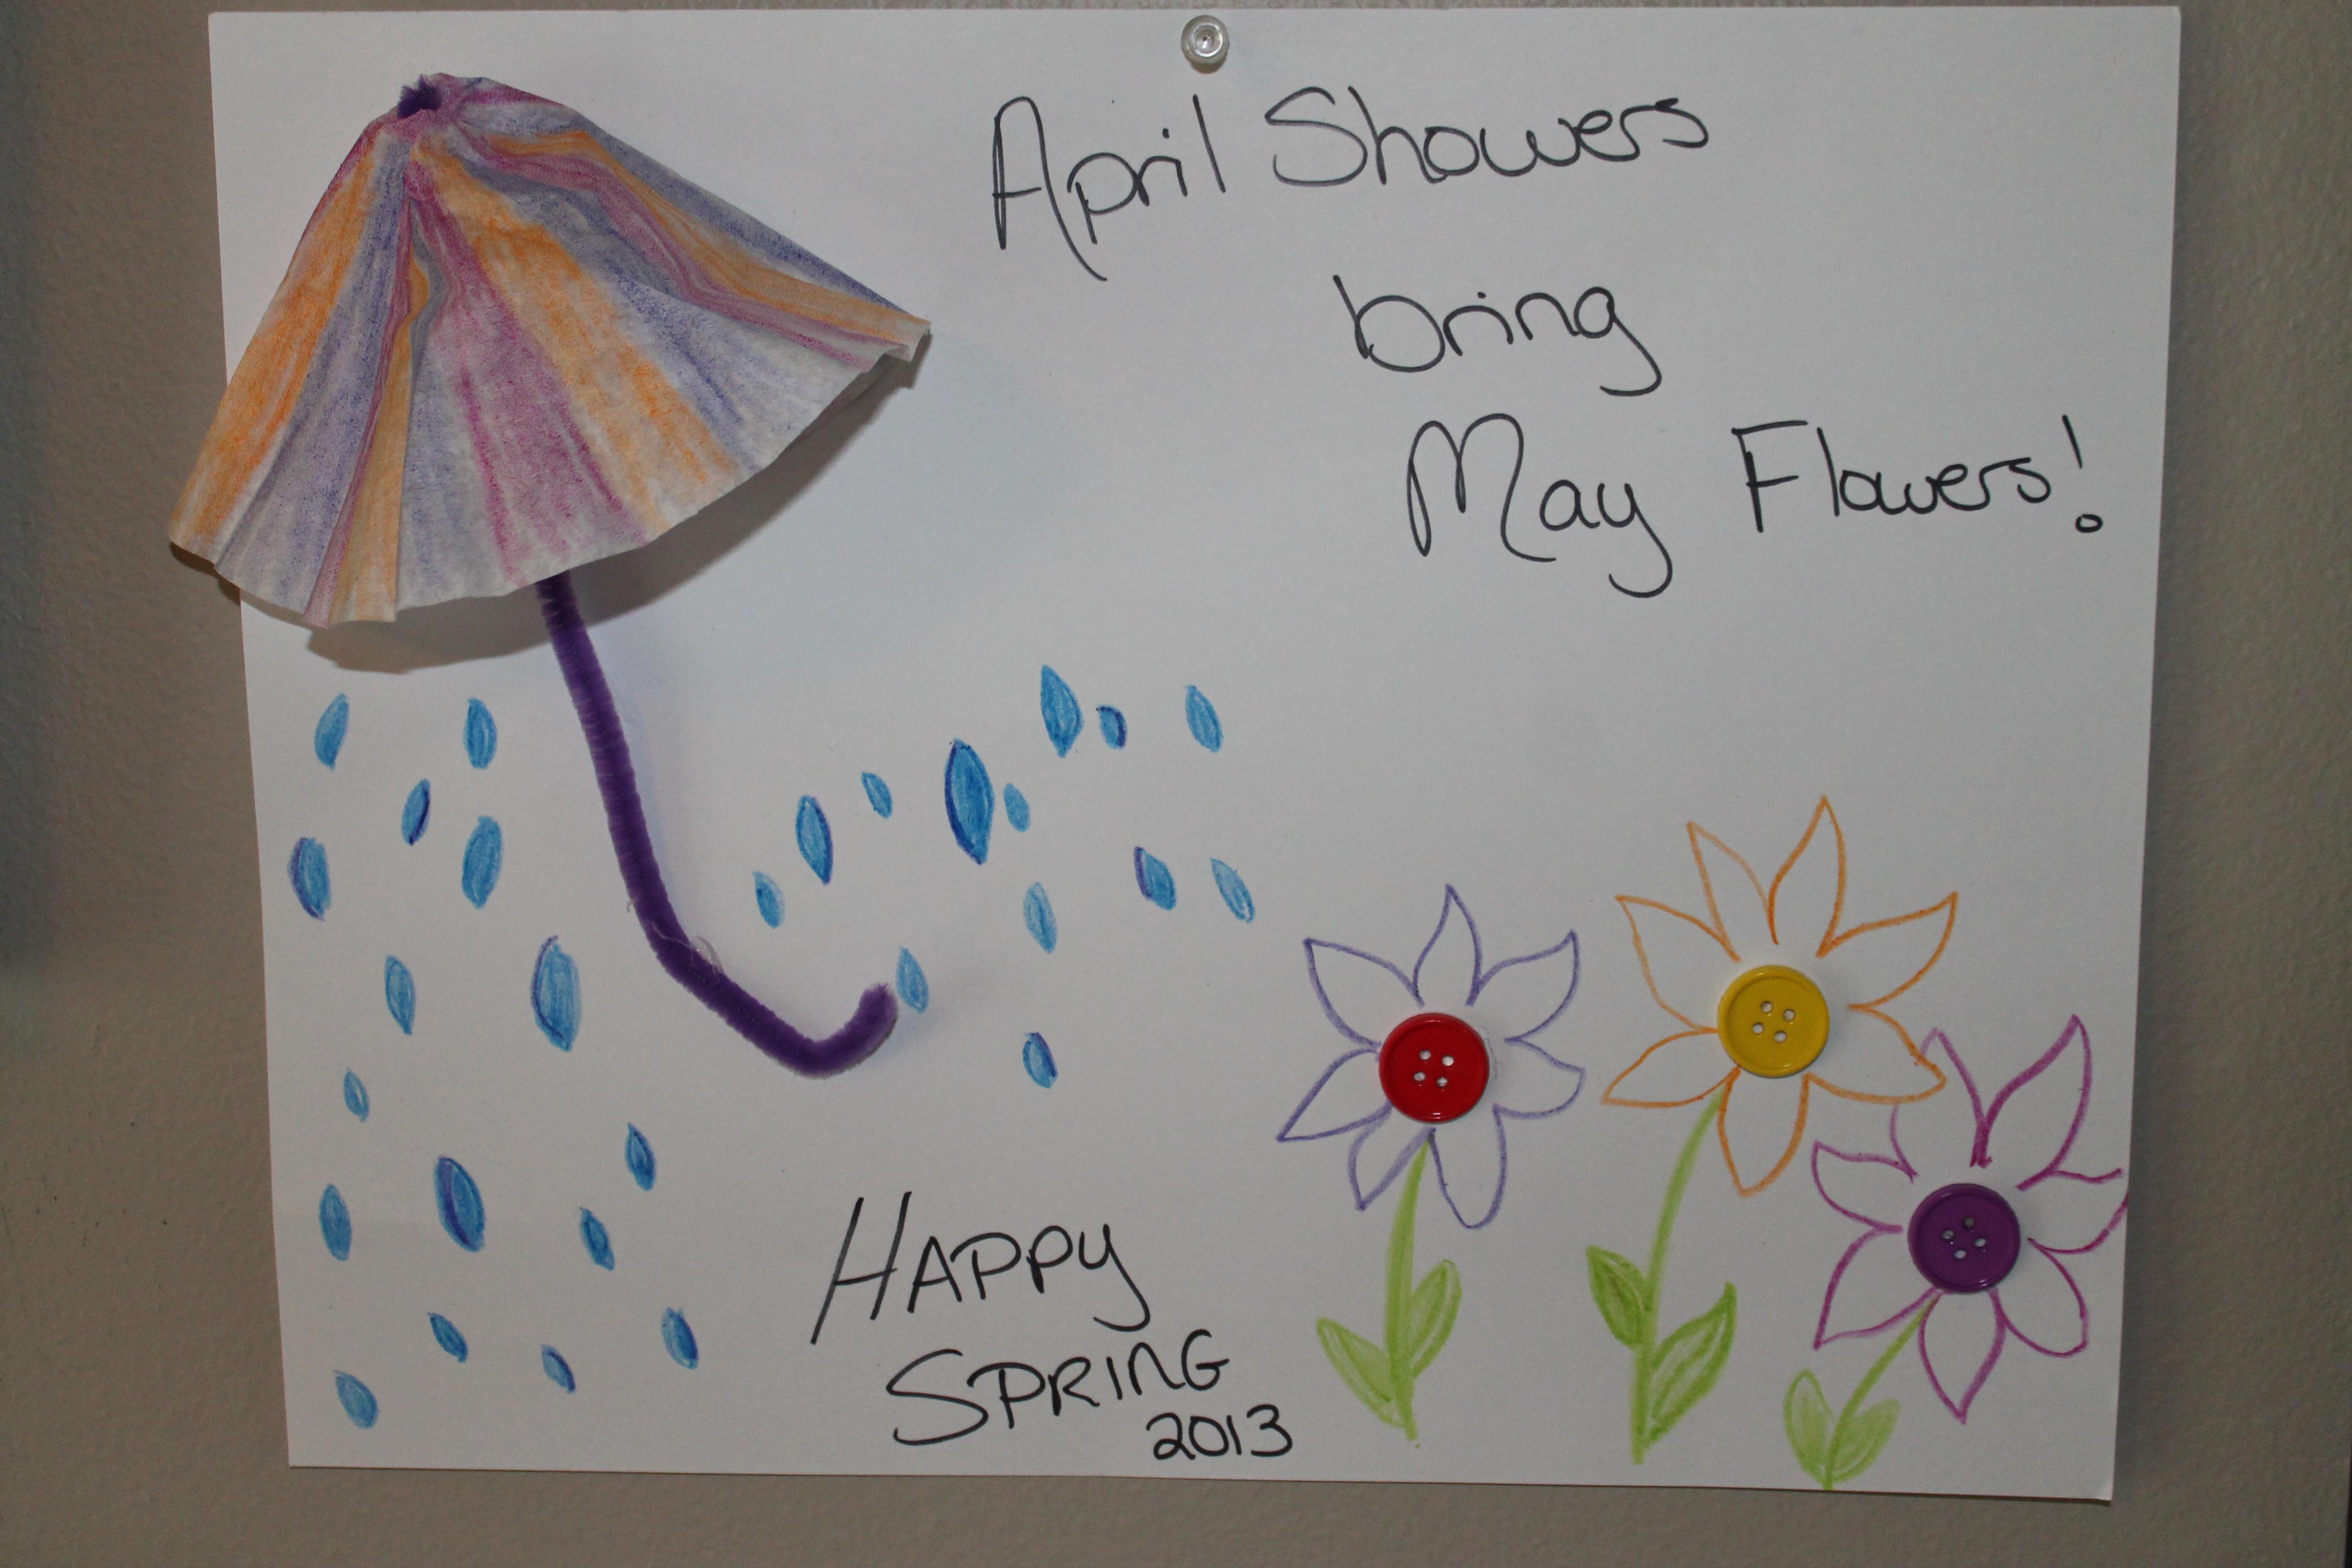 april showers bring may flowers momeefriendsli